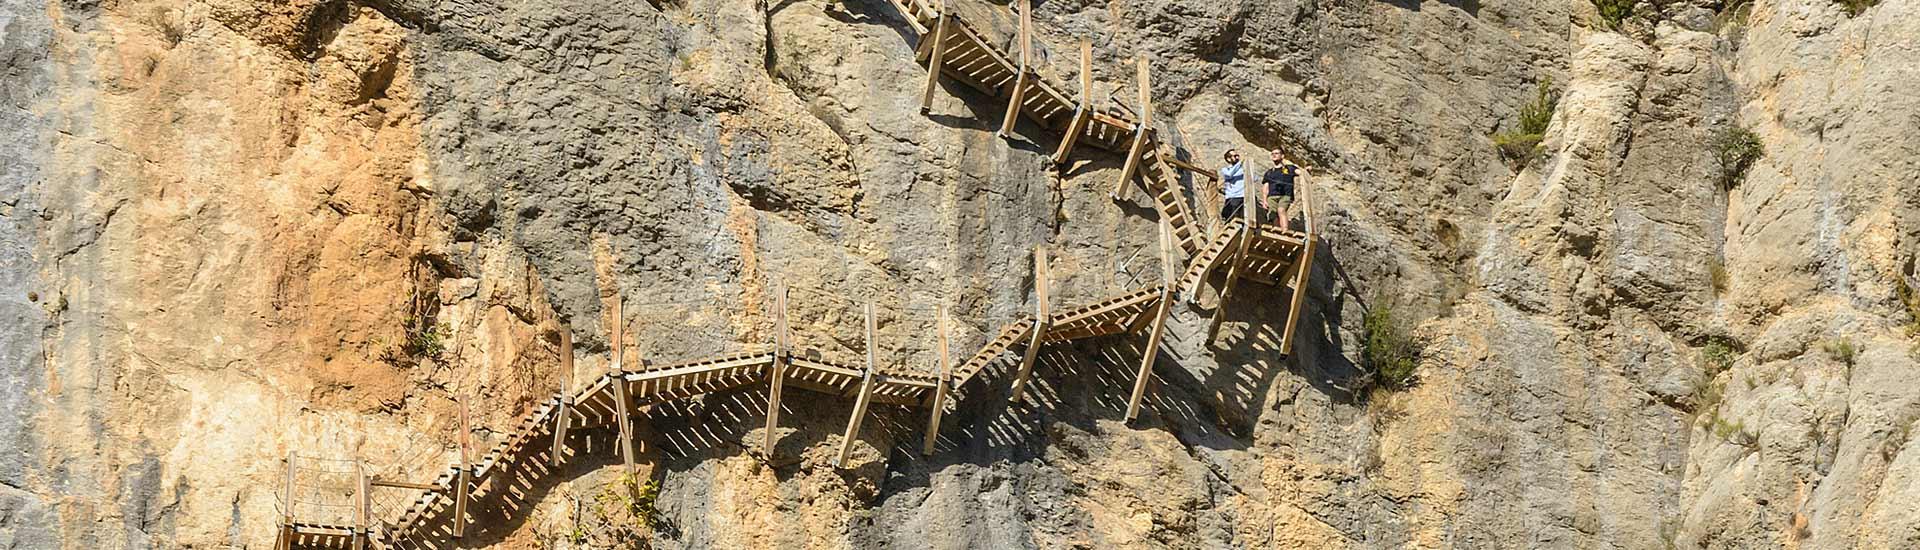 pasarelas de montfalco excursión